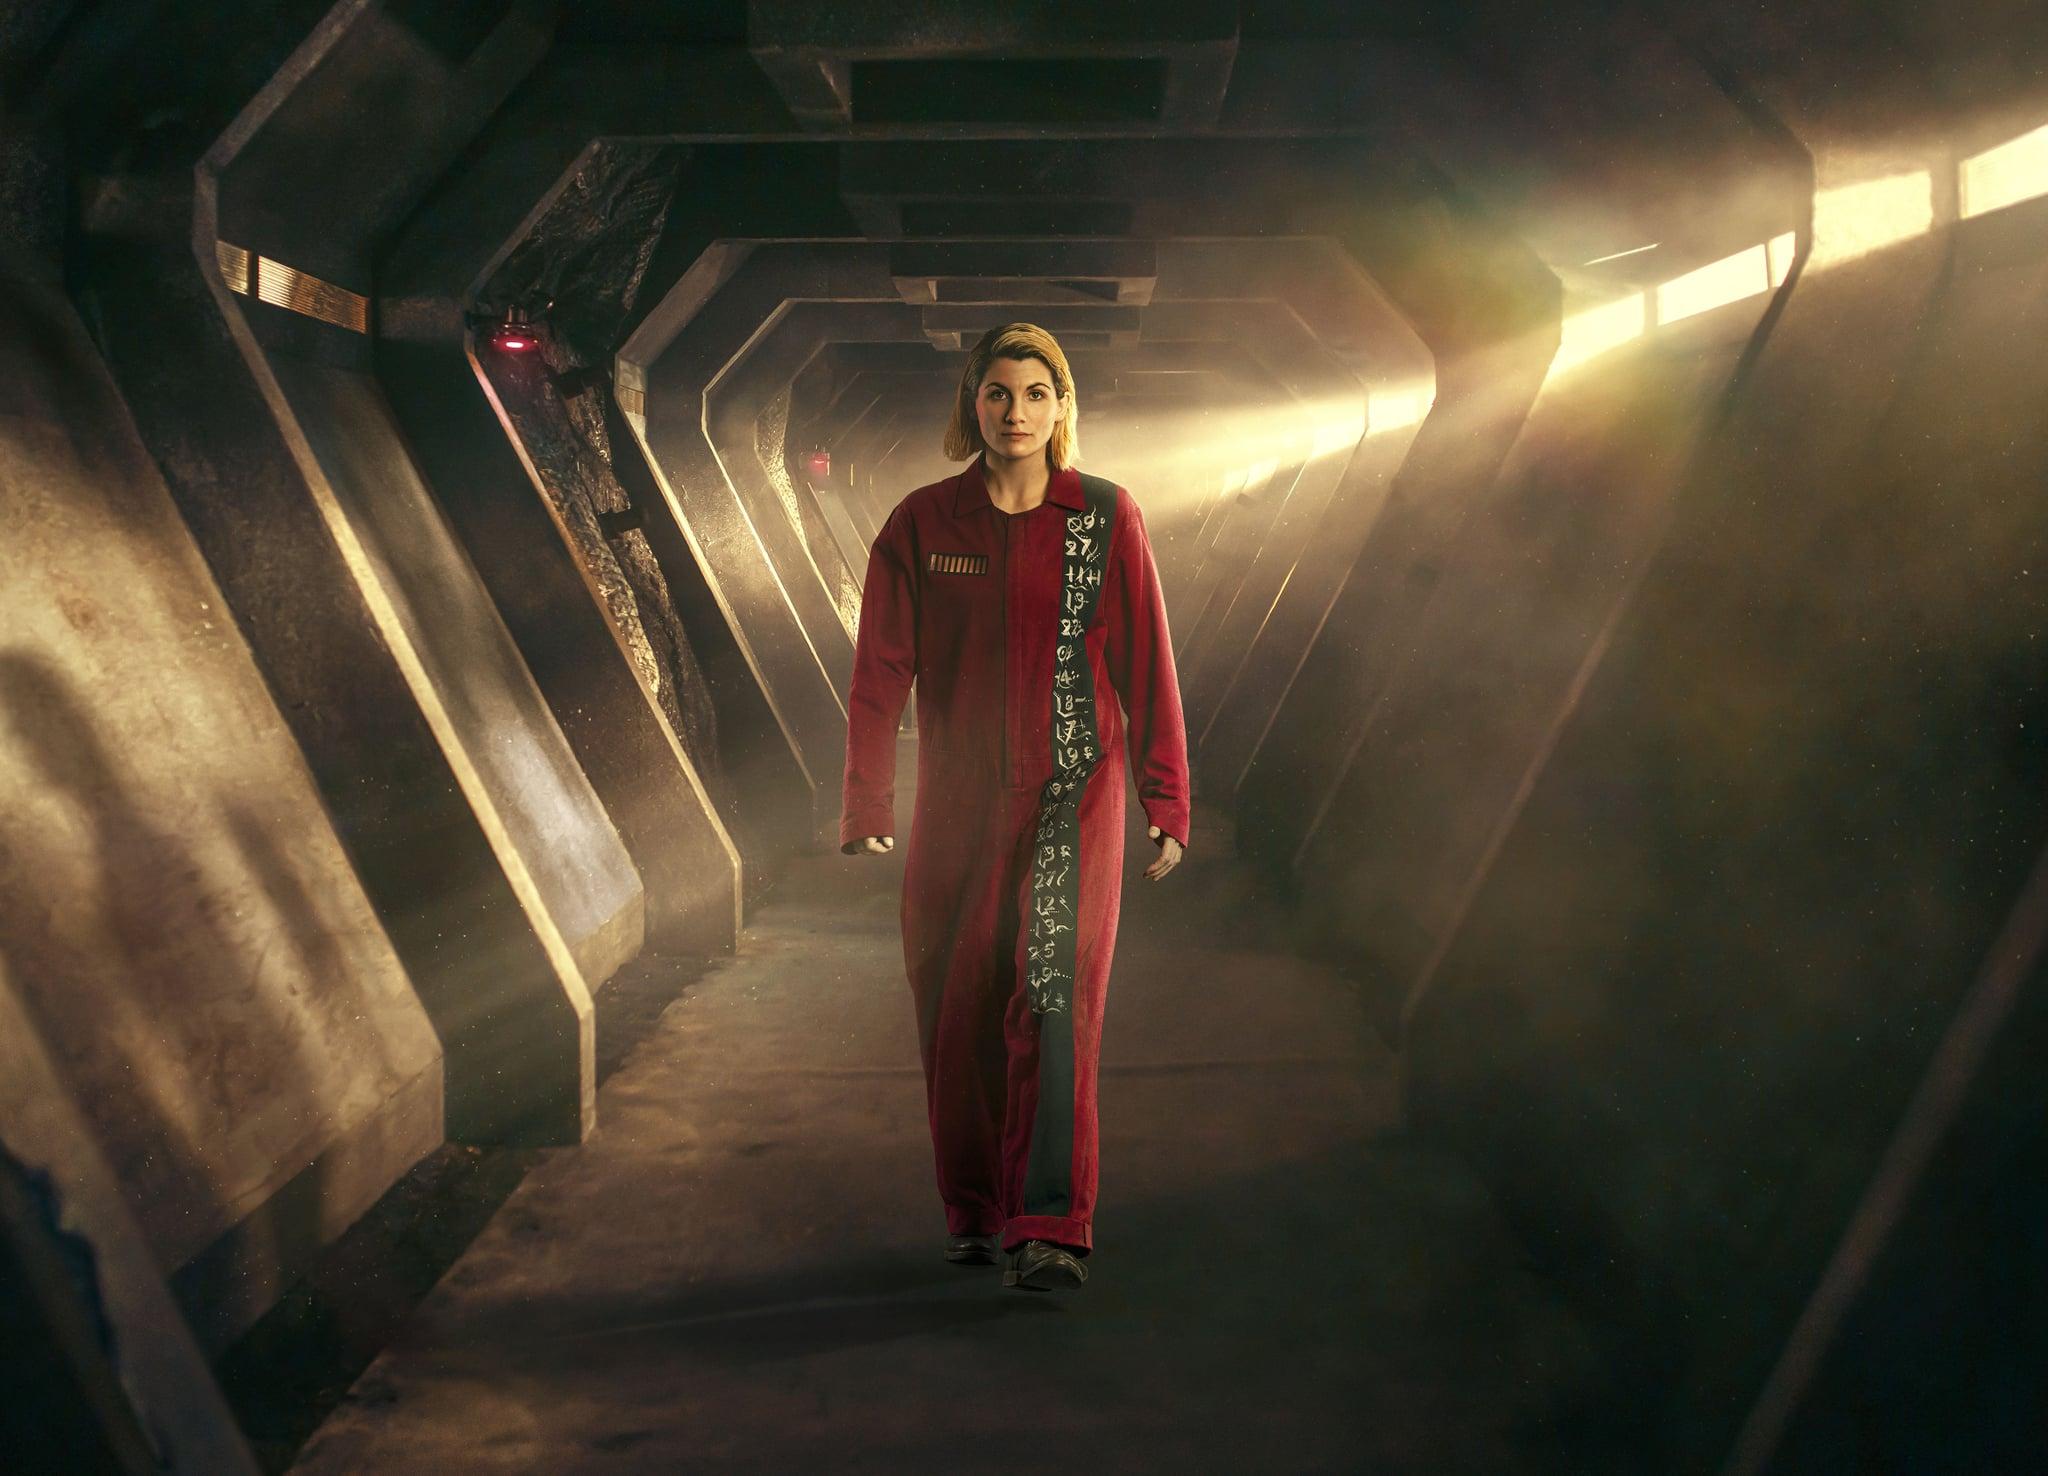 نام برنامه: Doctor Who Special 2020 - Revolution Of The Daleks - TX: 01/01/2021 - قسمت: Doctor Who Special 2020 - Revolution Of The Daleks - مواد عادی (شماره n / a) - نمایش های عکس: دکتر (JODIE WHITTAKER ) - (C) استودیو بی بی سی - عکاس: جیمز بخشش